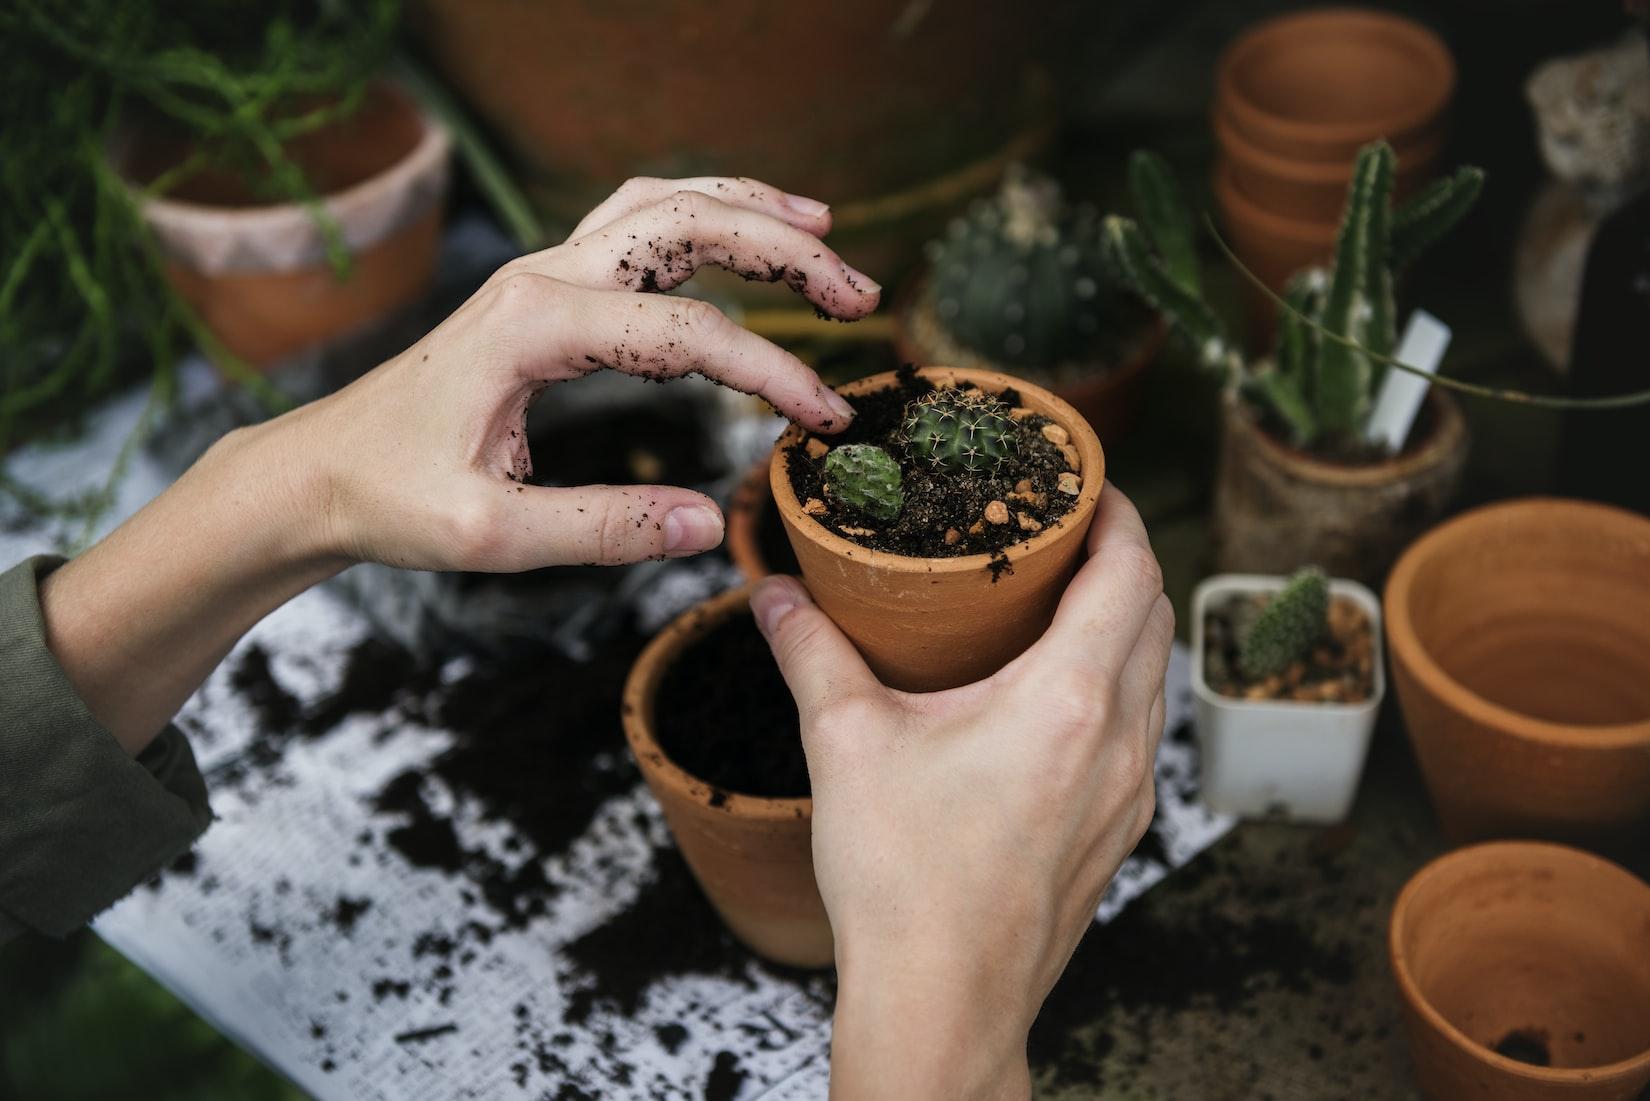 cactus terrarium - Caring for your Cactus Terrarium - Ecoponics May 2021